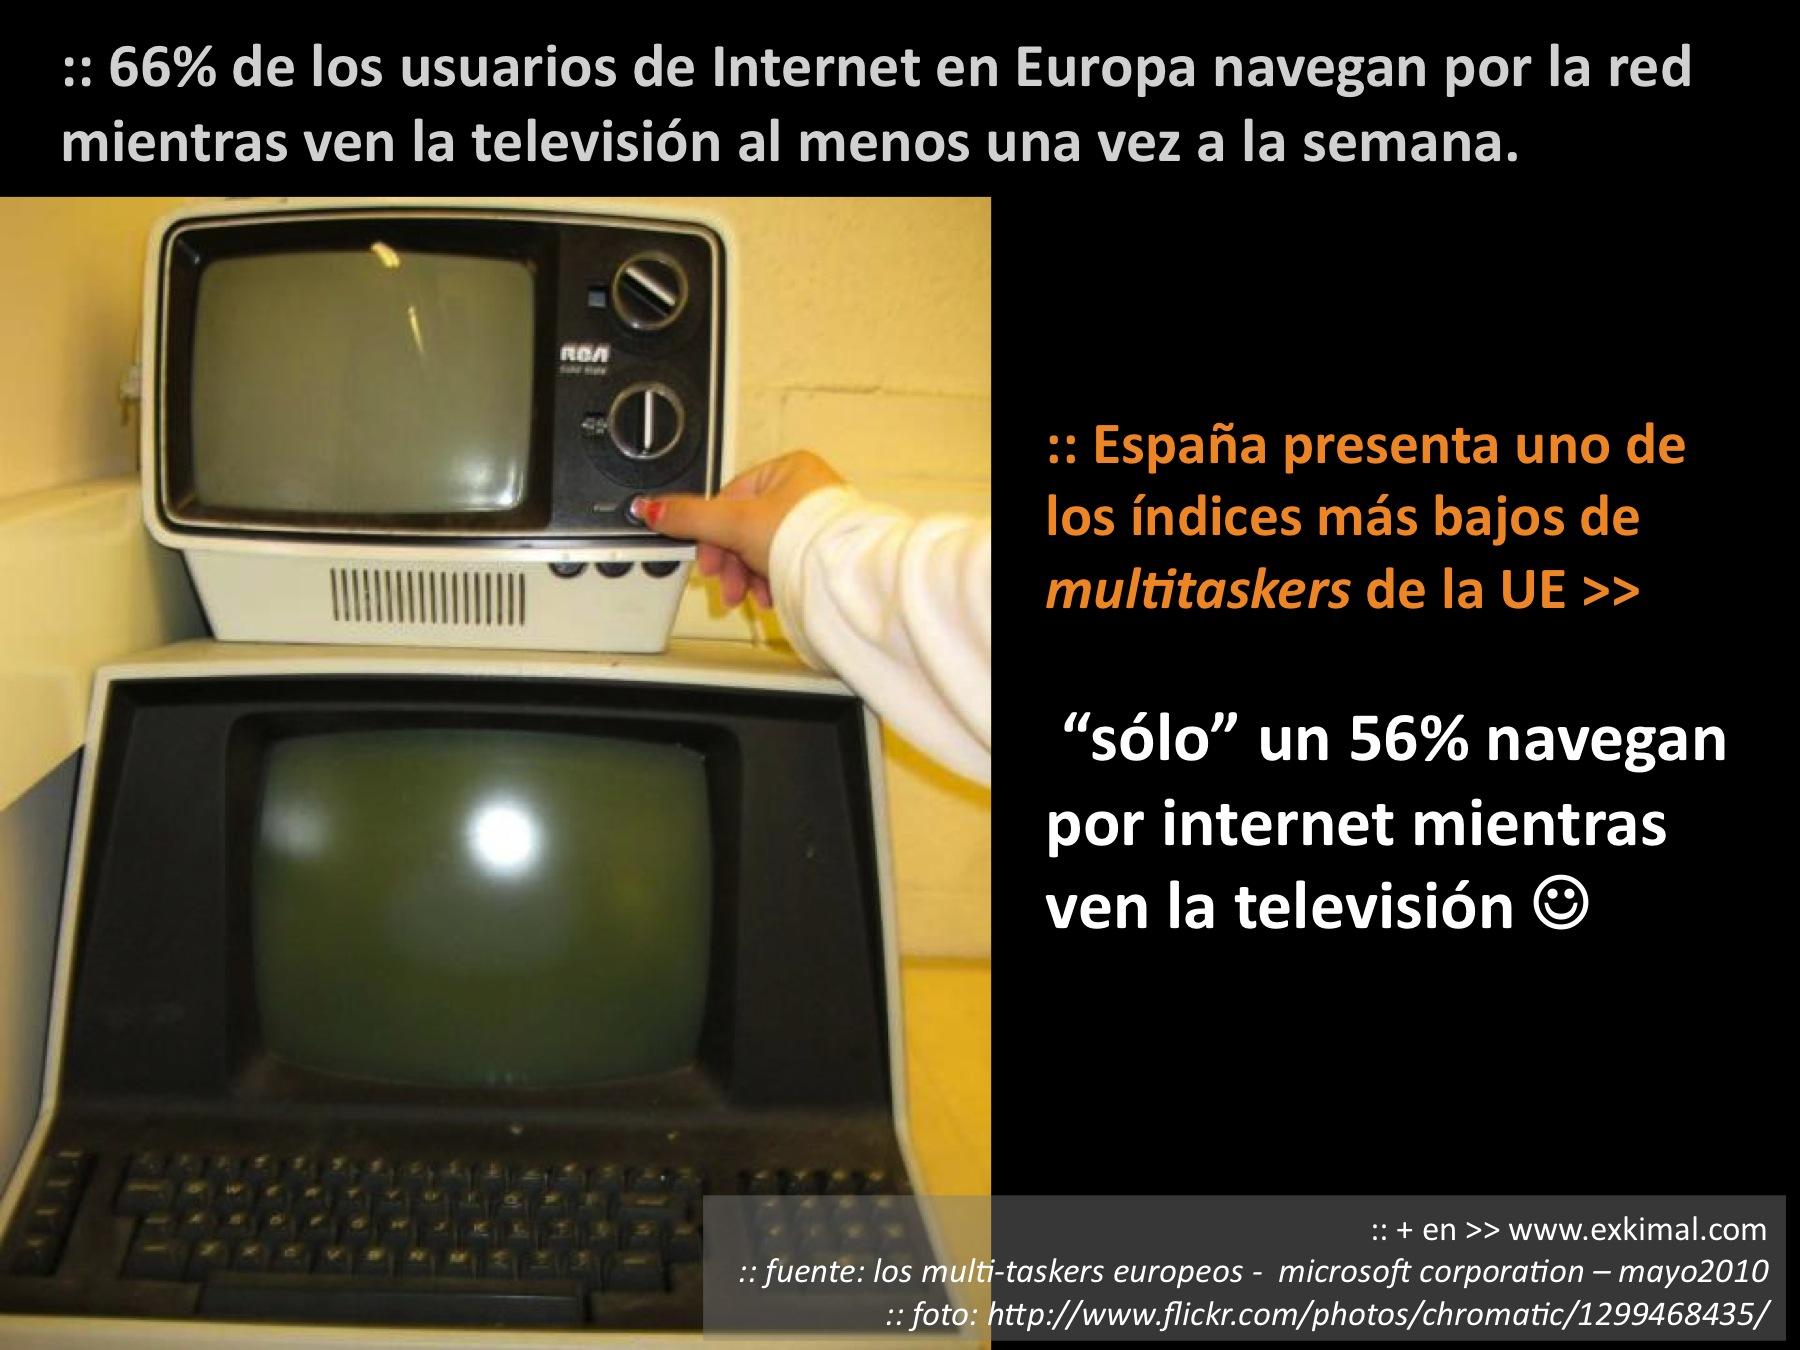 tv internet españa #xlides #xkimal